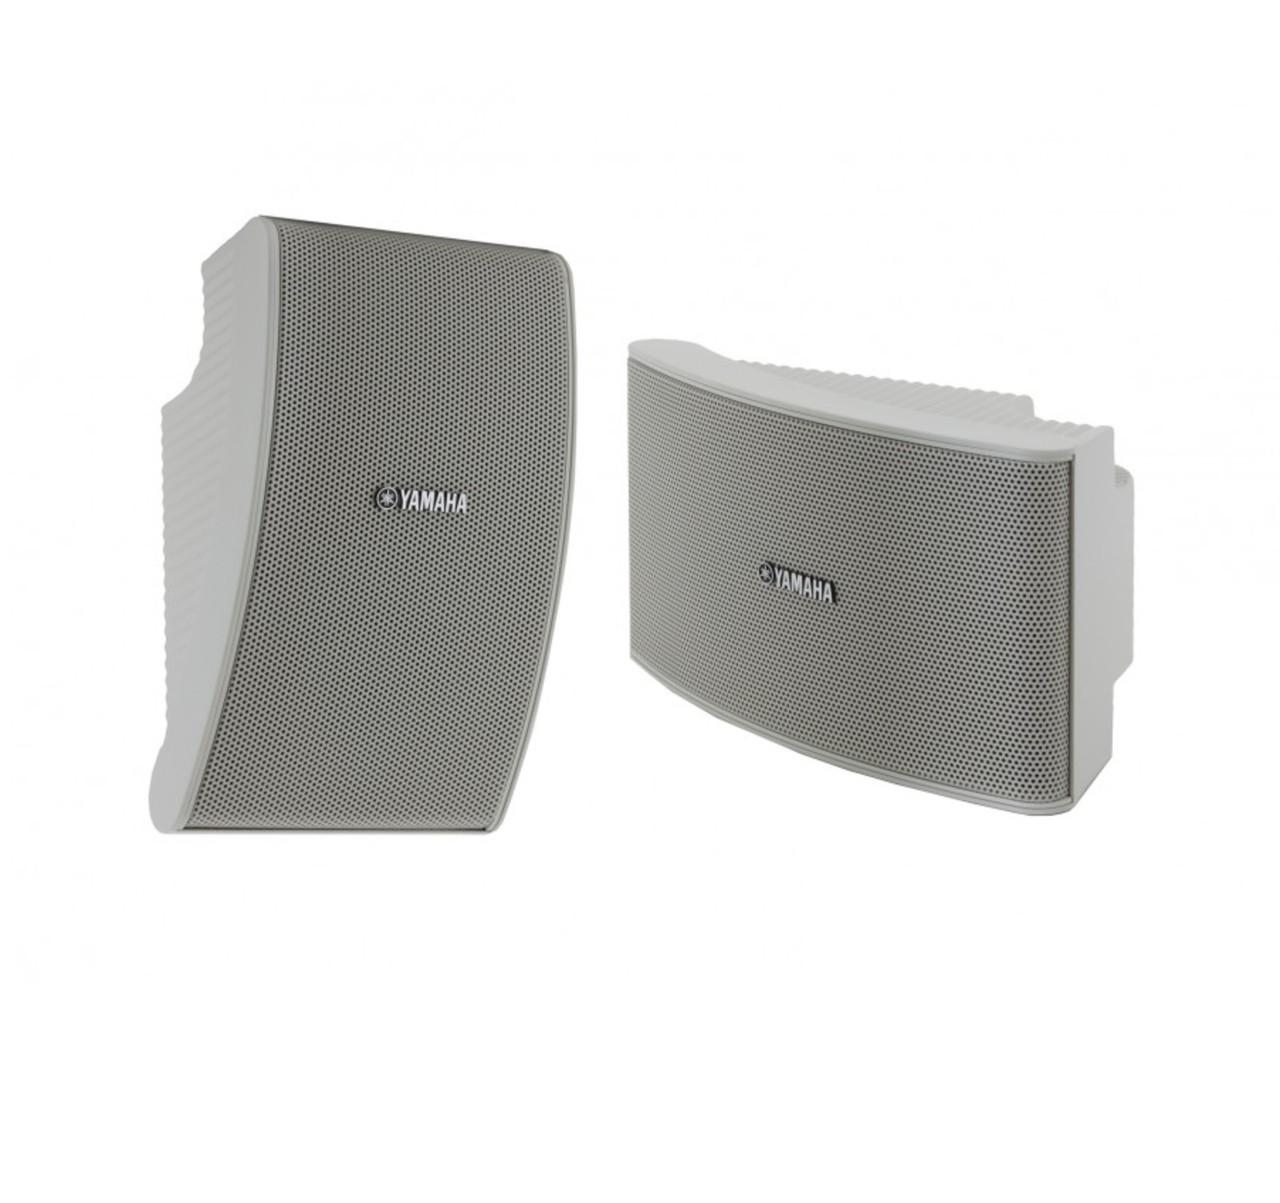 Yamaha NS-AW392 Caixa acústica externa para ar livre - Par - Branco